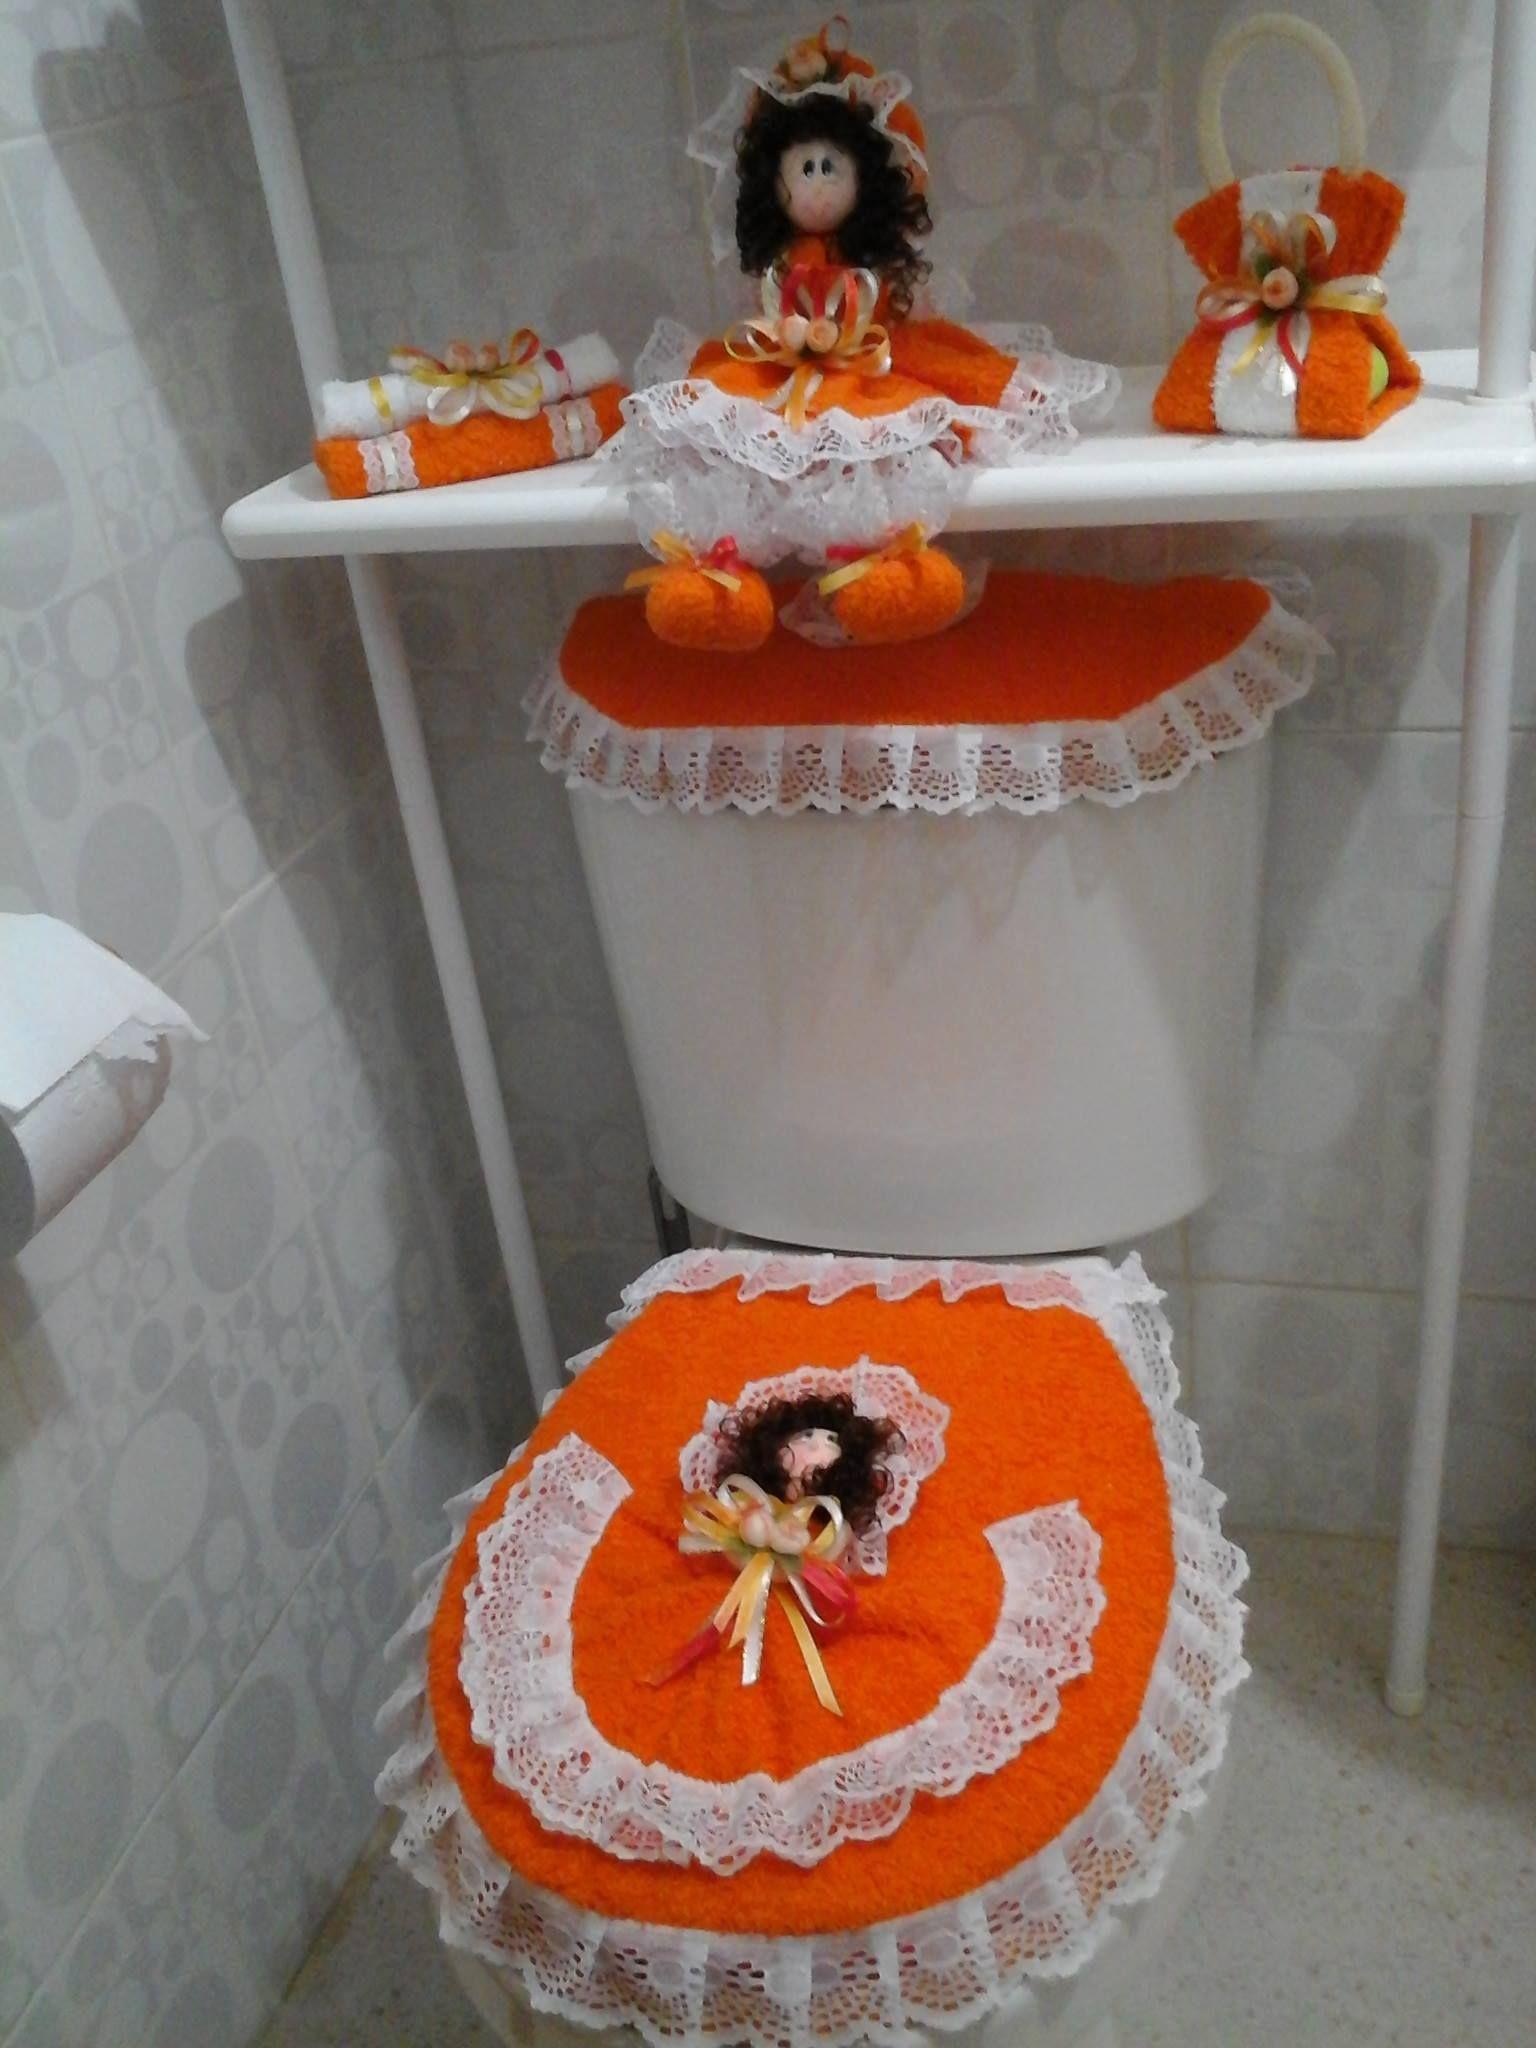 vestido baño | Juegos de baño, Manualidades juegos de baño ...